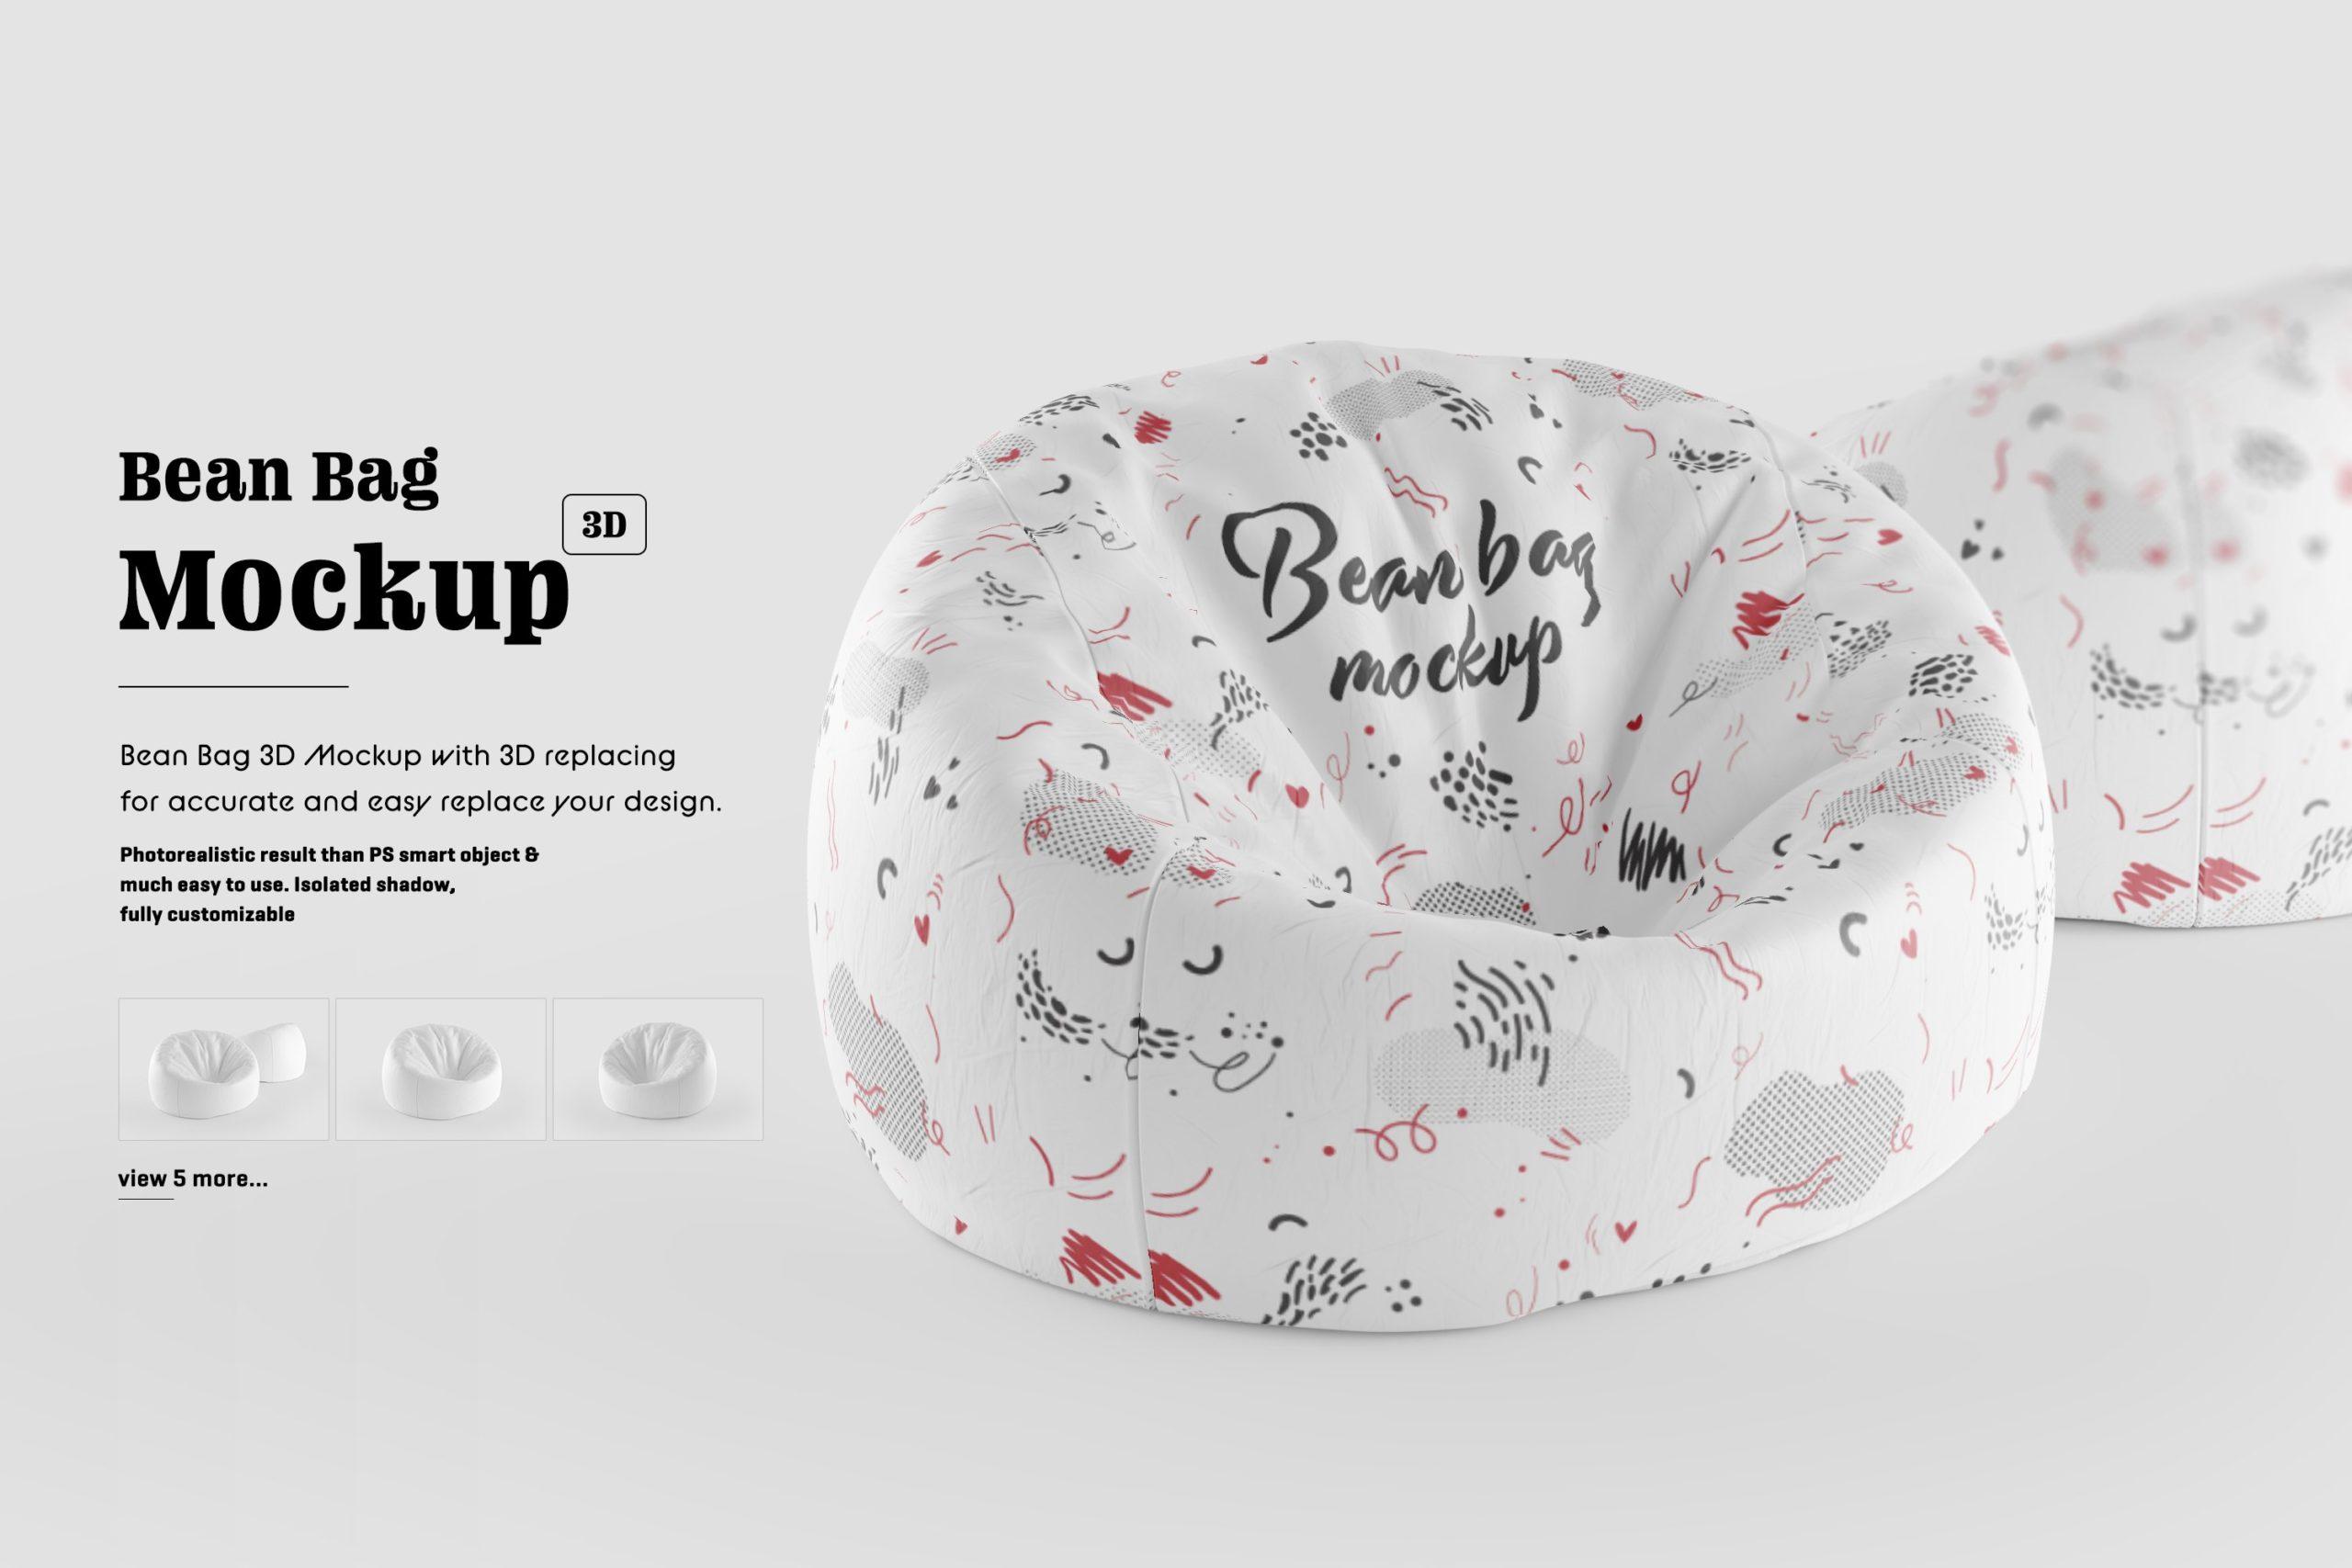 8款豆袋沙发椅子布料印花图案设计展示3D模型样机 Bean Bag 3D Mockup插图